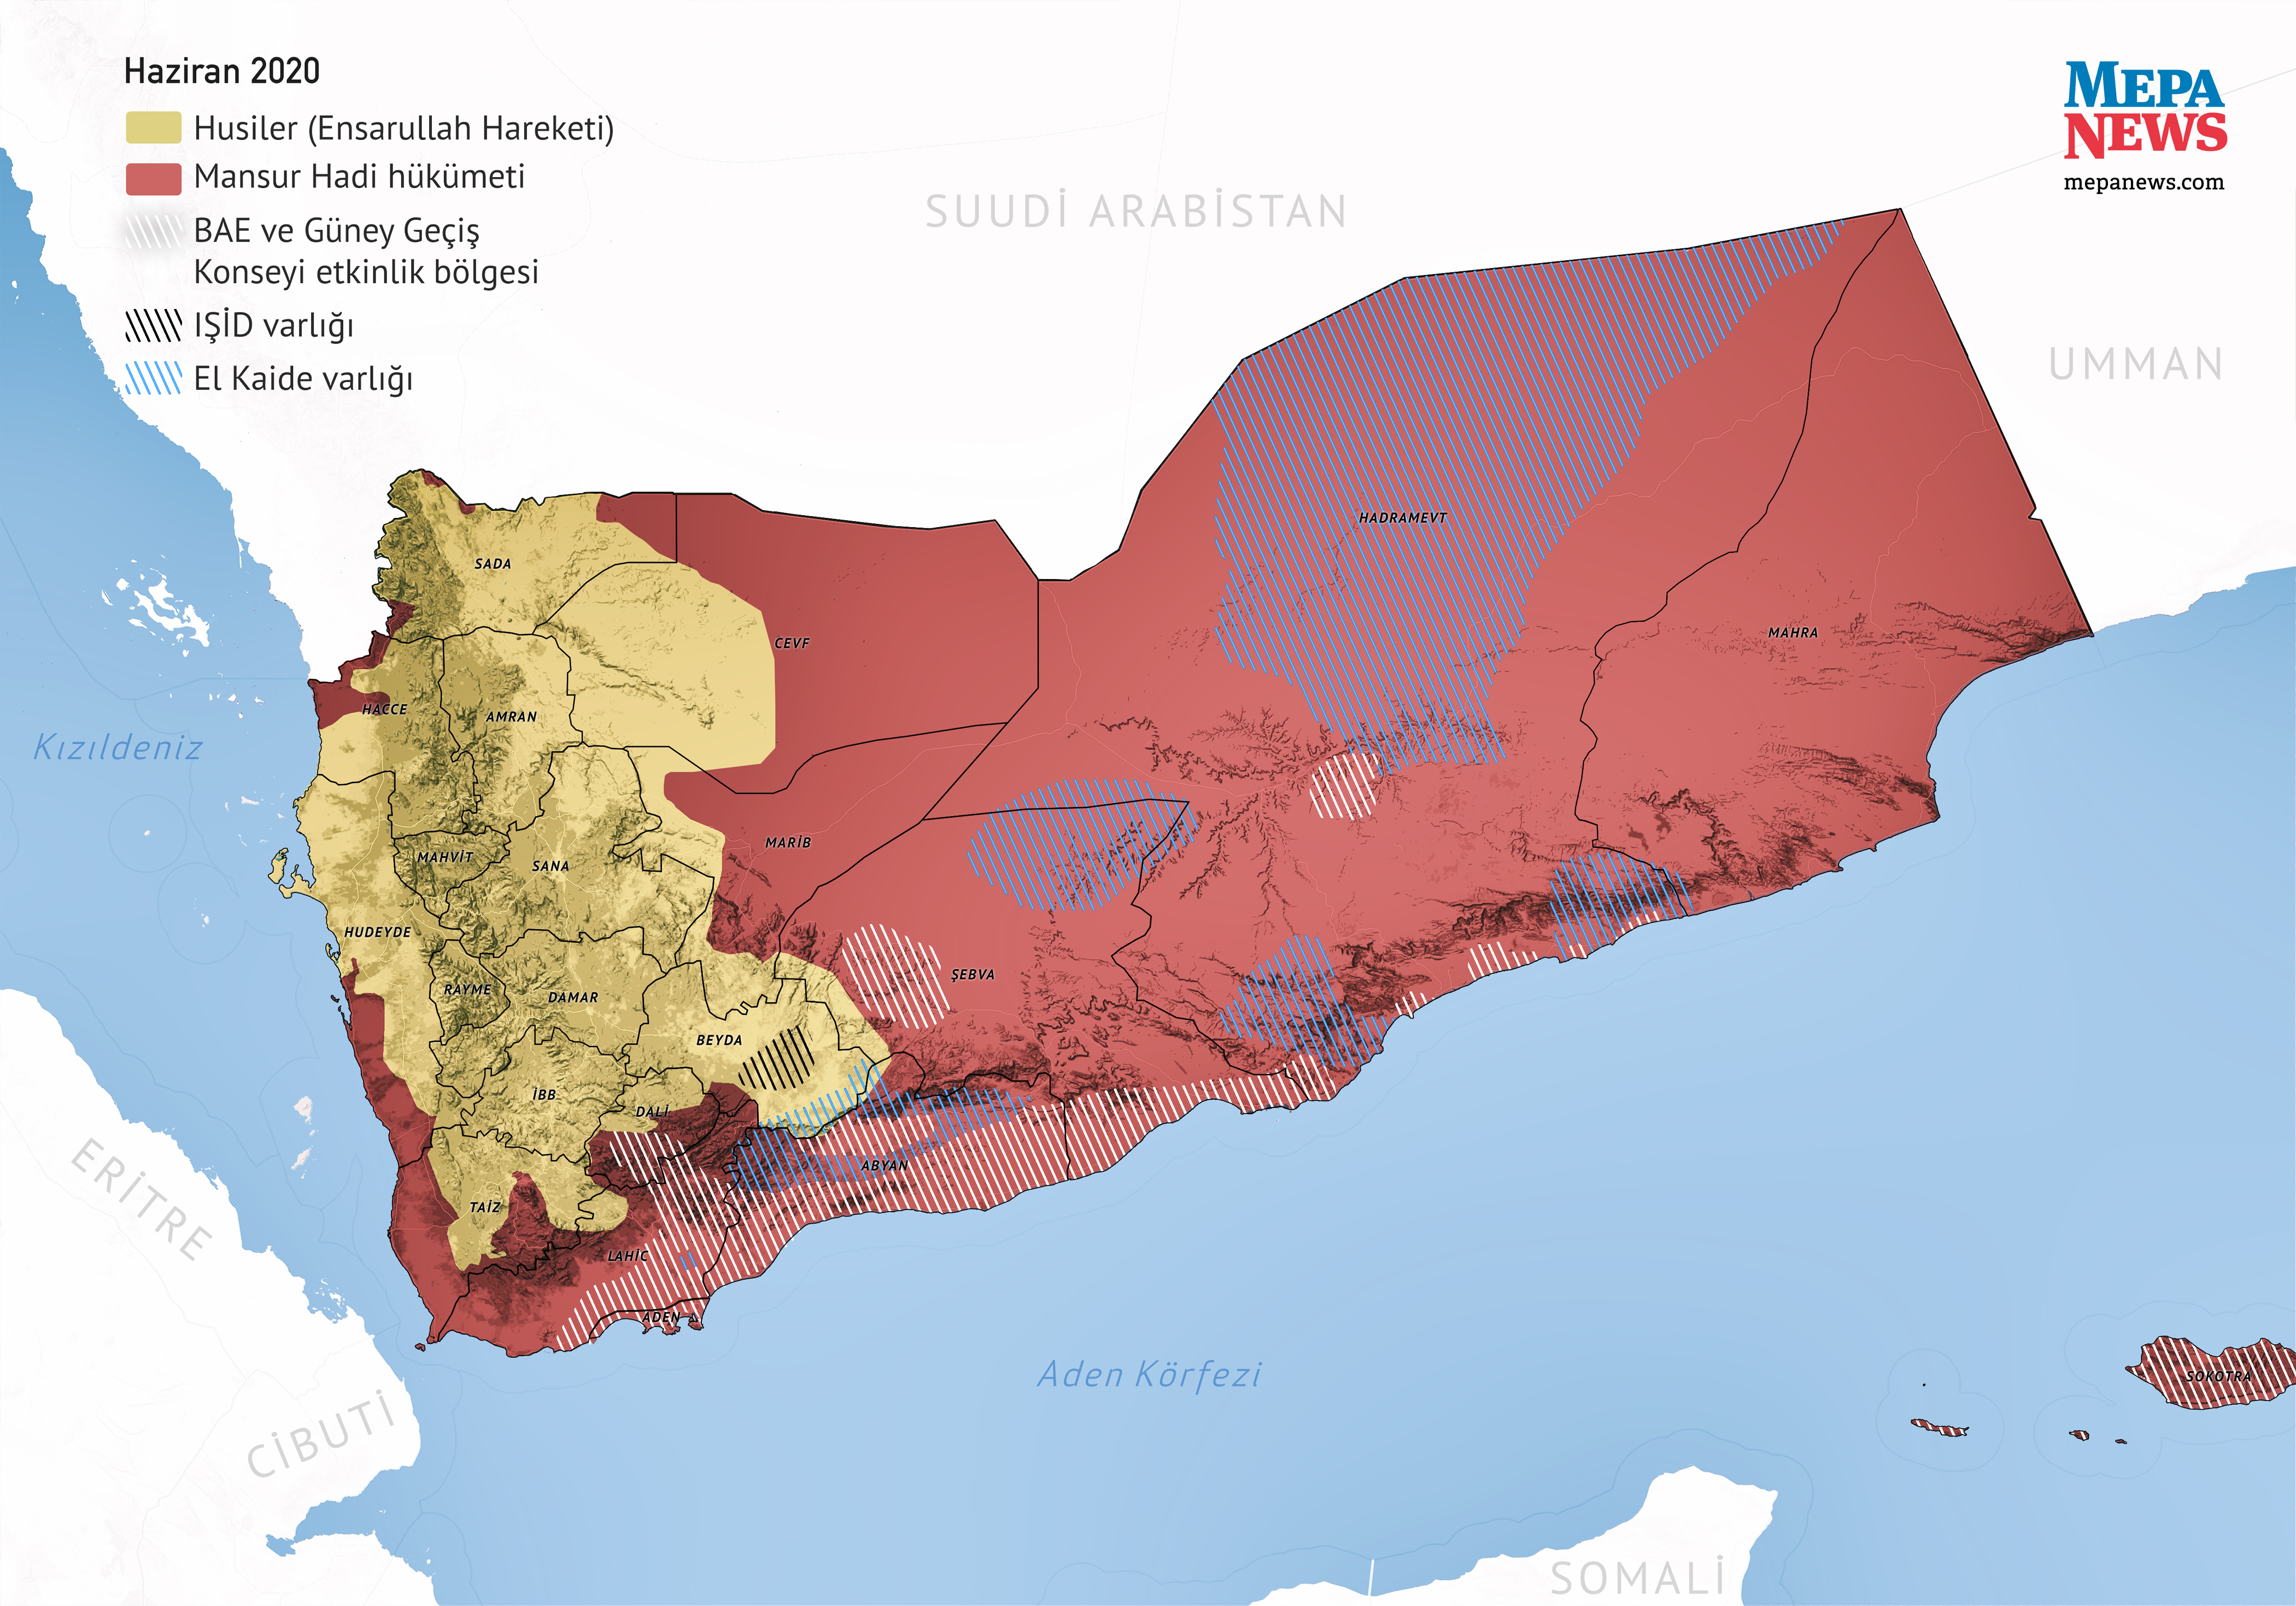 yemenhaziran2020.jpg